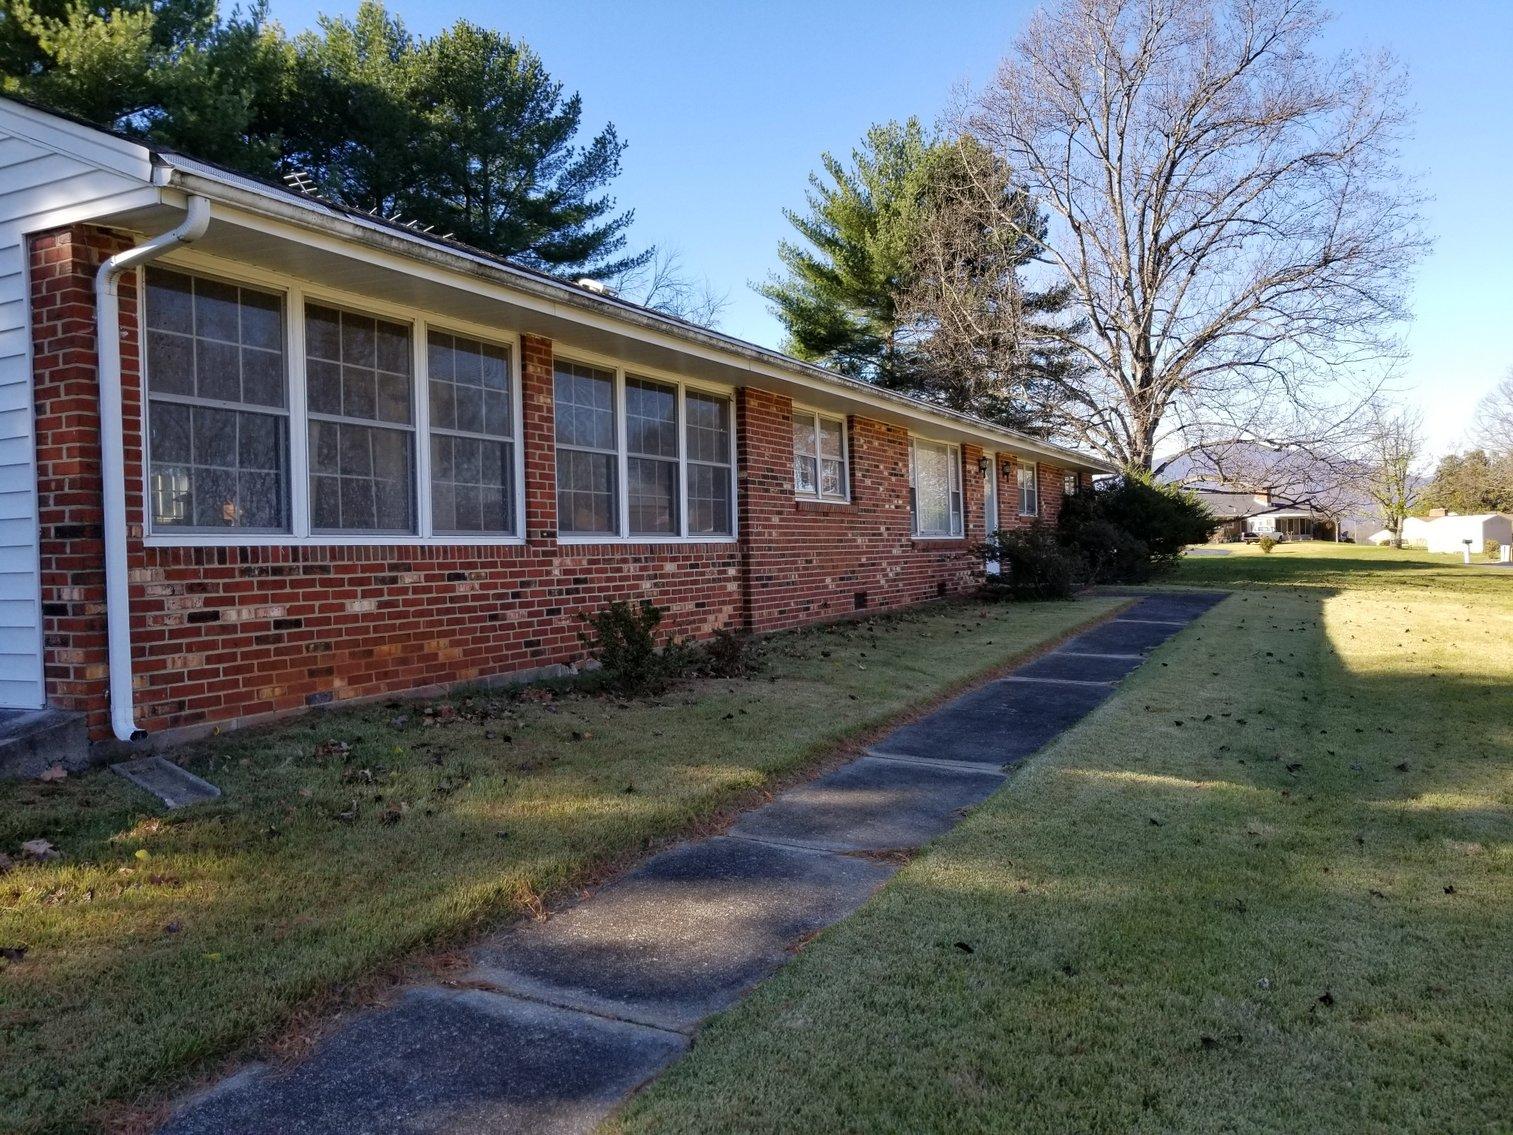 Image for Grandview Road, Bedford, VA